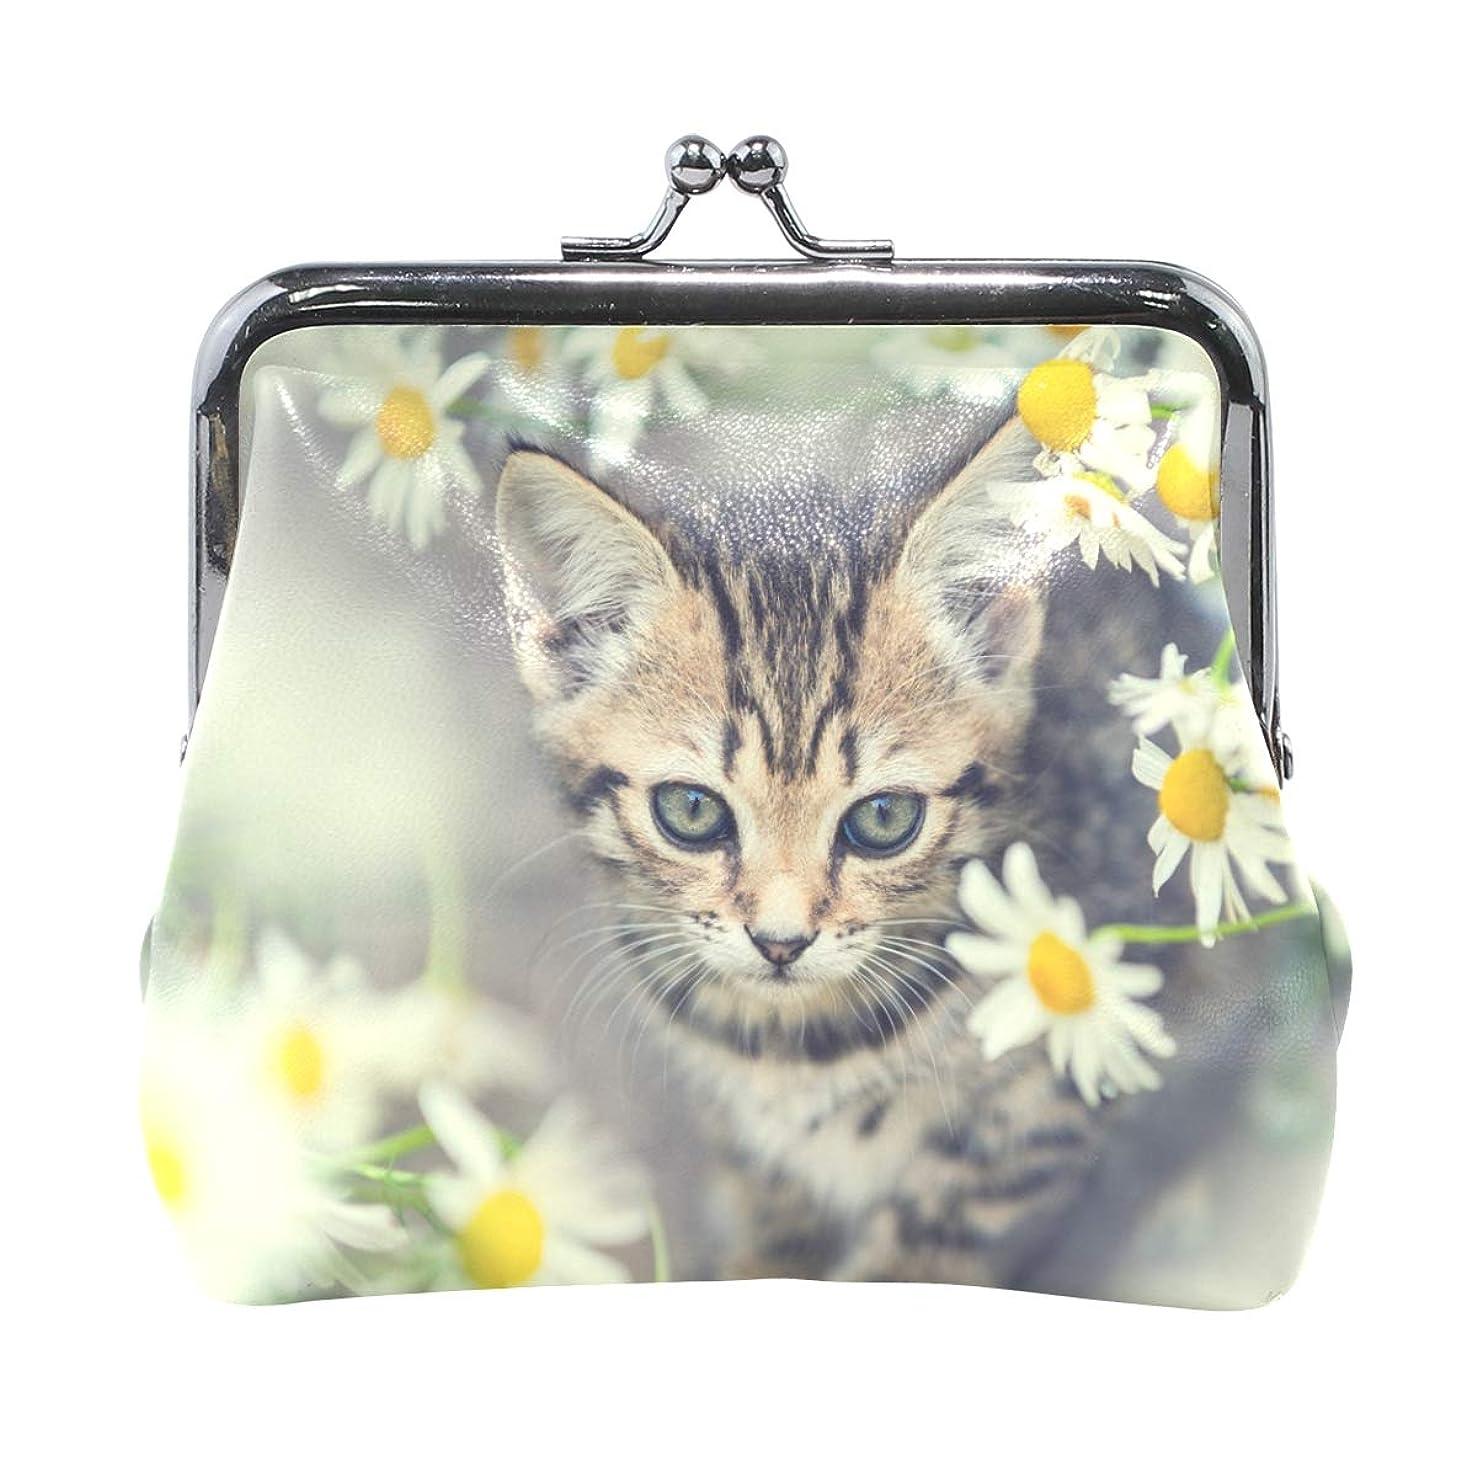 有毒なコンテンツ対処がま口 財布 口金 小銭入れ ポーチ 猫 花柄 ANNSIN バッグ かわいい 高級レザー レディース プレゼント ほど良いサイズ